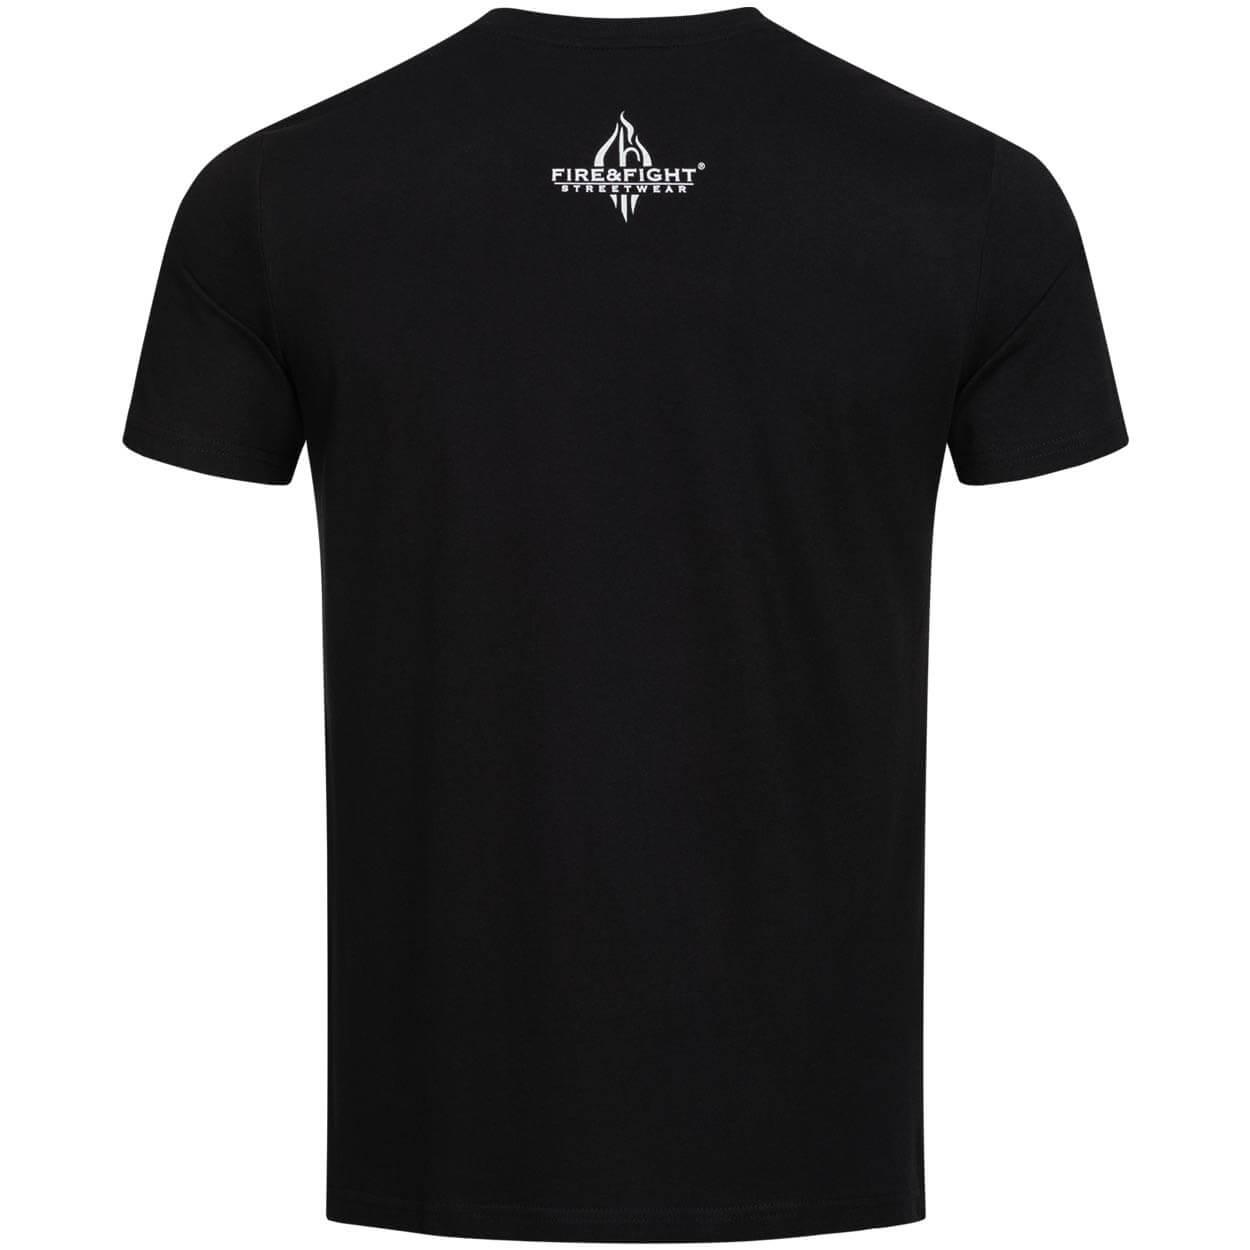 Ruhe vor dem Sturm - Männer T-Shirt schwarz